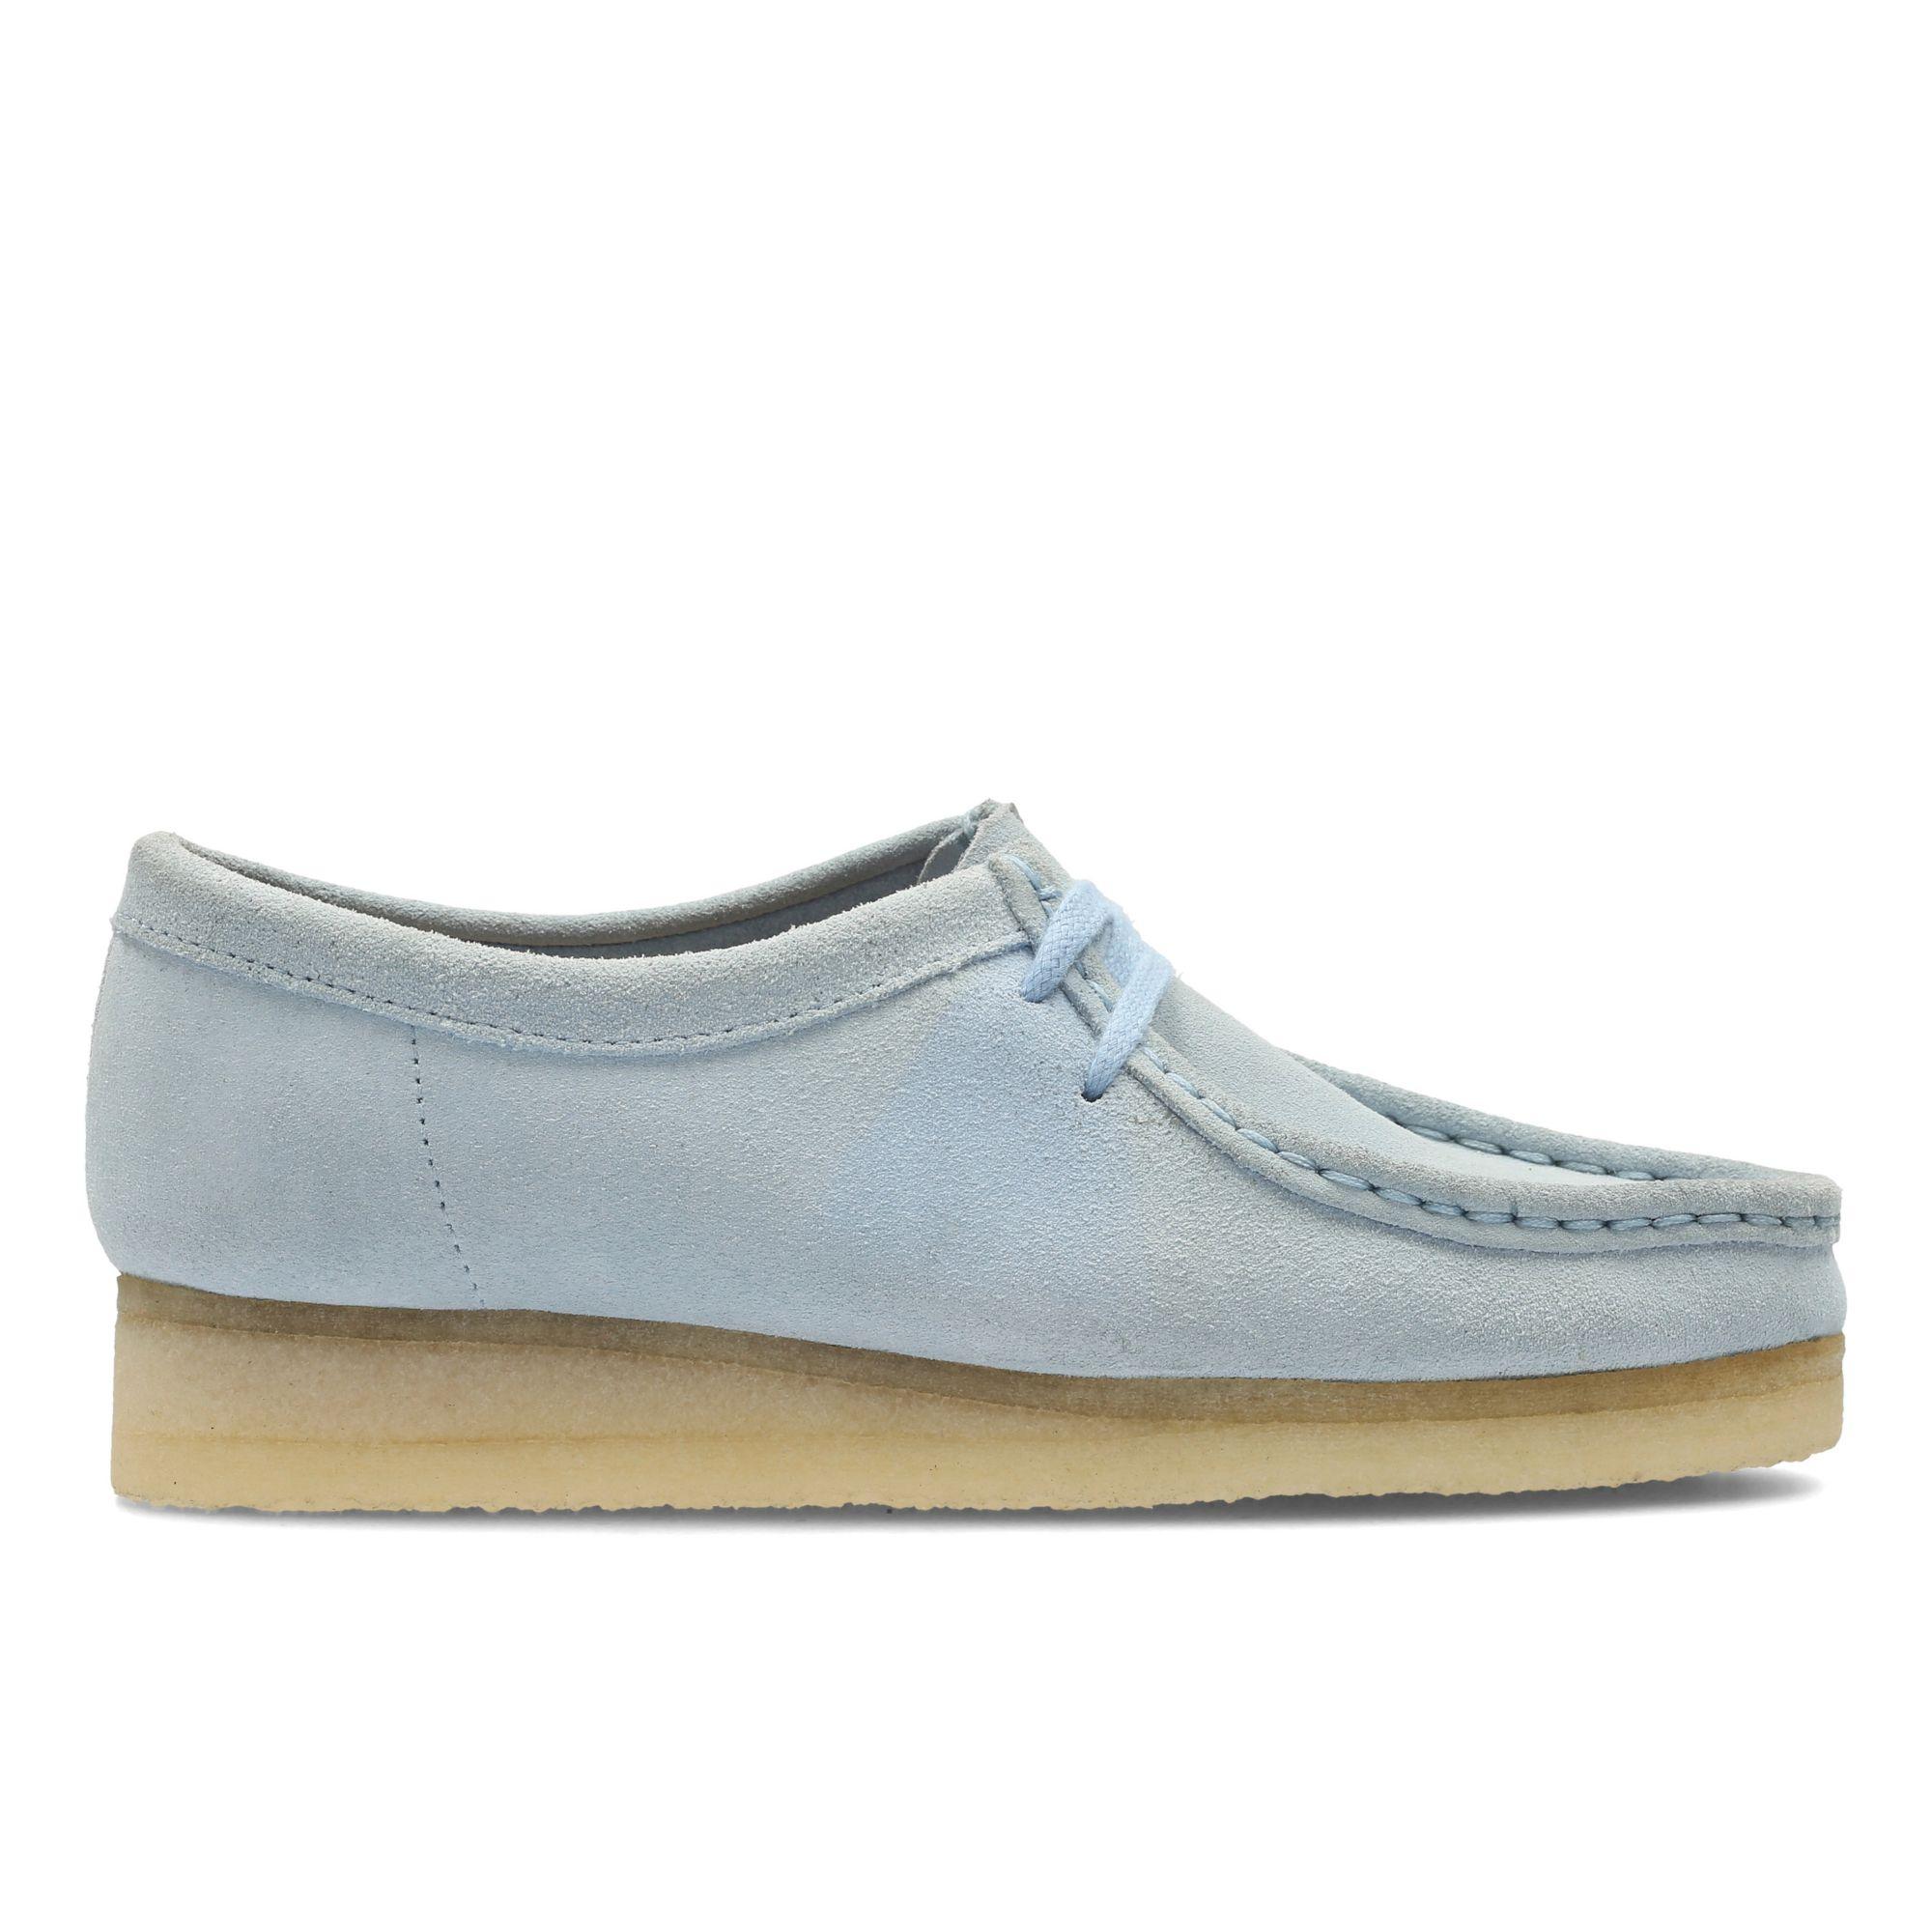 Zapatos mujer Wallabee: Tiendas Notizalia